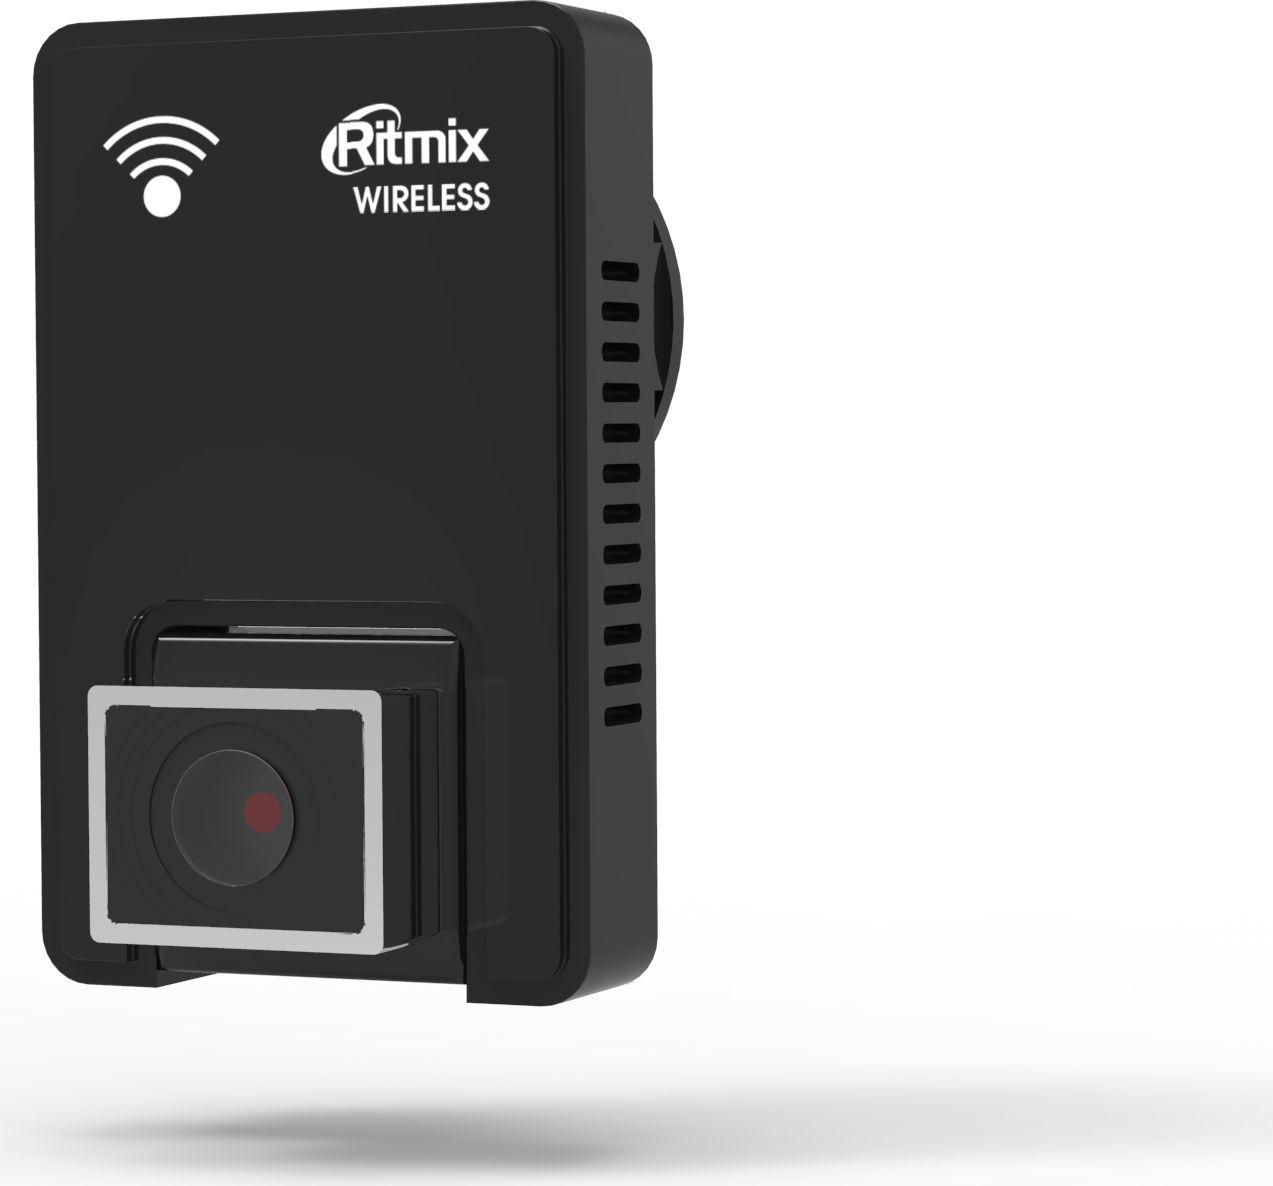 Ritmix AVR-675 видеорегистратор15119073Ritmix AVR-675 - это полезный в любом путешествии Wi-Fi видеорегистратор, ведущий непрерывную циклическую видеозапись в высоком разрешении Full HD.Устройство поддерживает все базовые функции видеорегистратора: SOS (защита от перезаписи) и MUTE (быстрое отключение / включение микрофона во время записи по нажатию кнопки из приложения). Модель имеет компактные размеры – не загораживает обзор водителю, и при этом быстро снимается с держателя, и также быстро устанавливается.Вы можете удобно настроить Ritmix AVR-675 на подключенном через Wi-Fi смартфоне / планшете либо просмотреть отснятое видео. Особенностью модели является возможность скопировать отснятые видеофайлы в память вашего устройства, а также удобно и быстро отправить их со смартфона / планшета в социальные сети, мессенджеры или на YouTube.